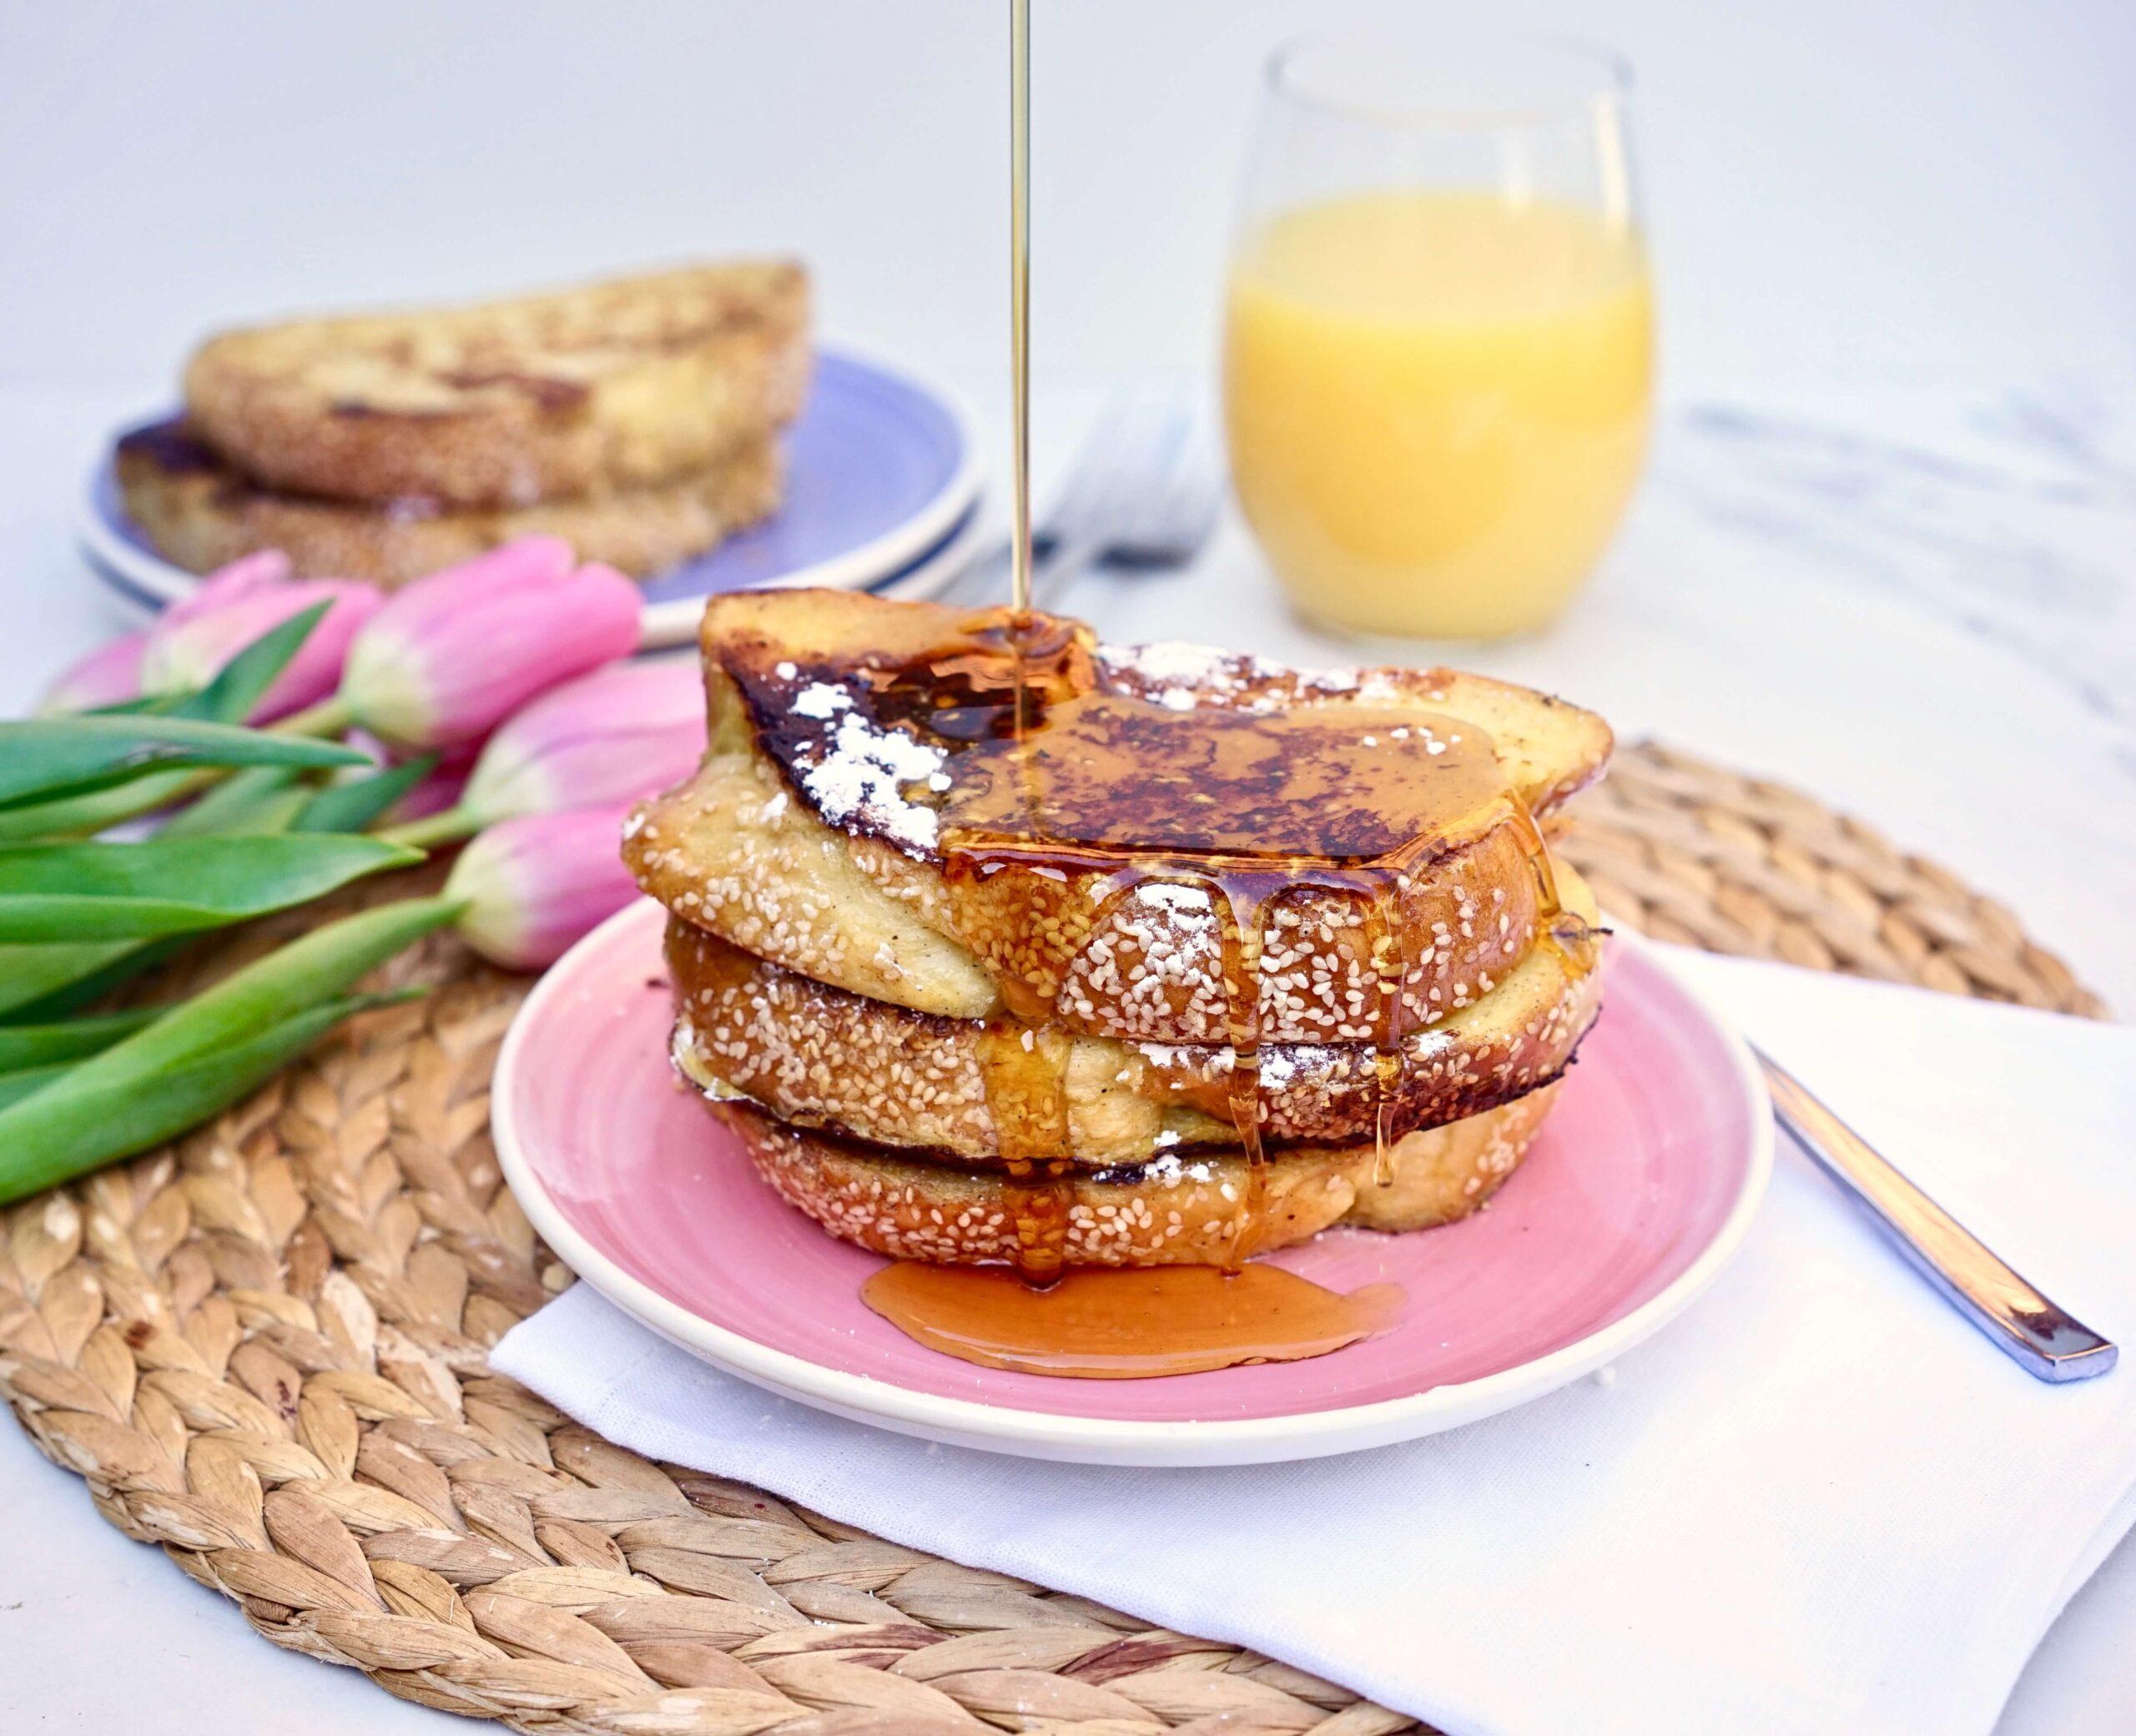 Florida Orange Juice French toast recipe